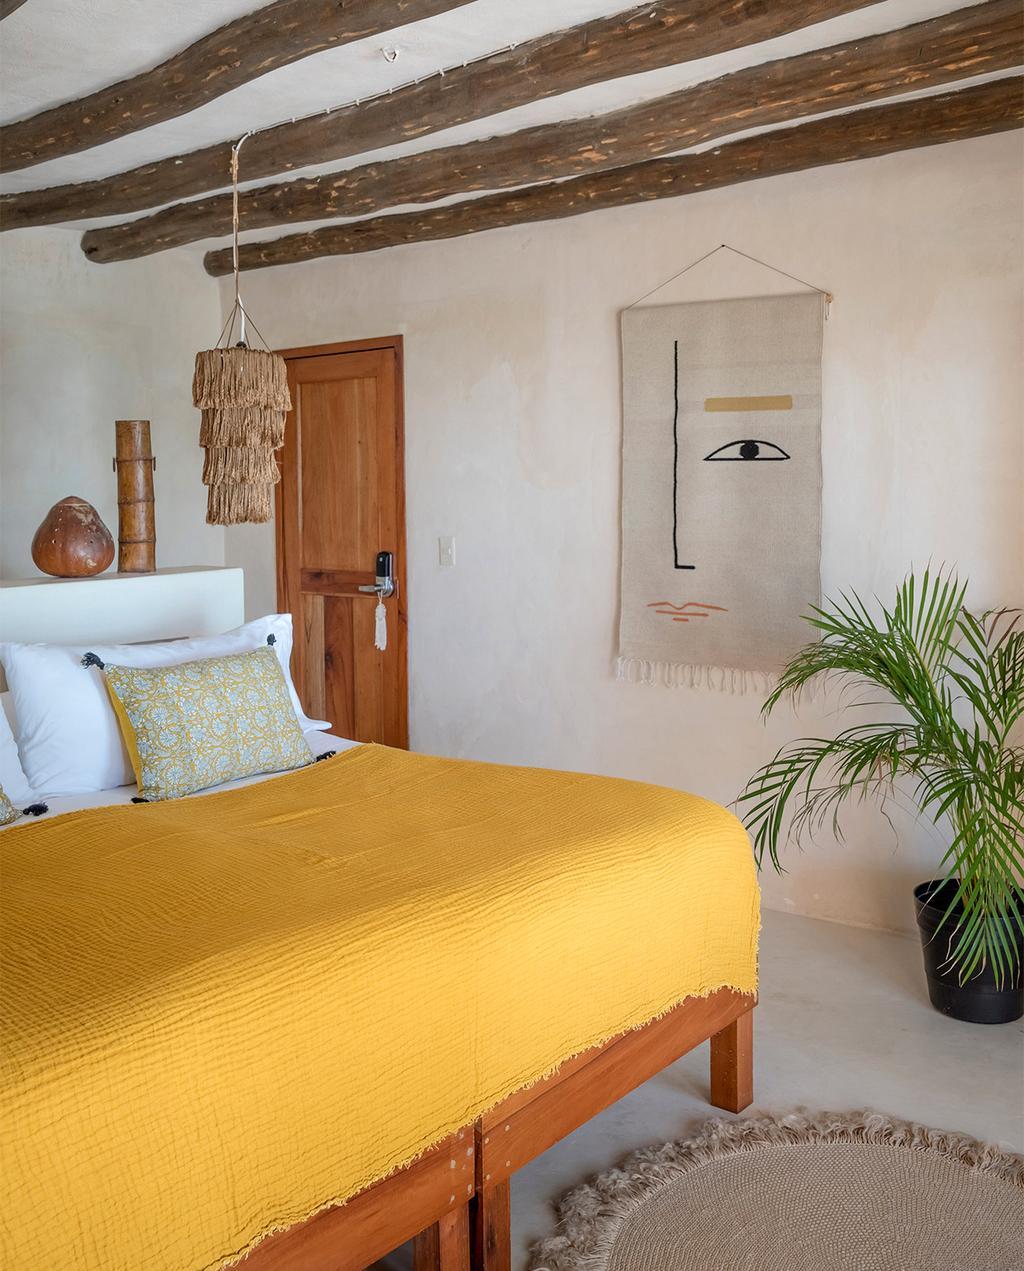 vtwonen special zomerhuizen 07-2021 | geel dekbedovertrek sprei in de slaapkamer met Mexicaanse stijl